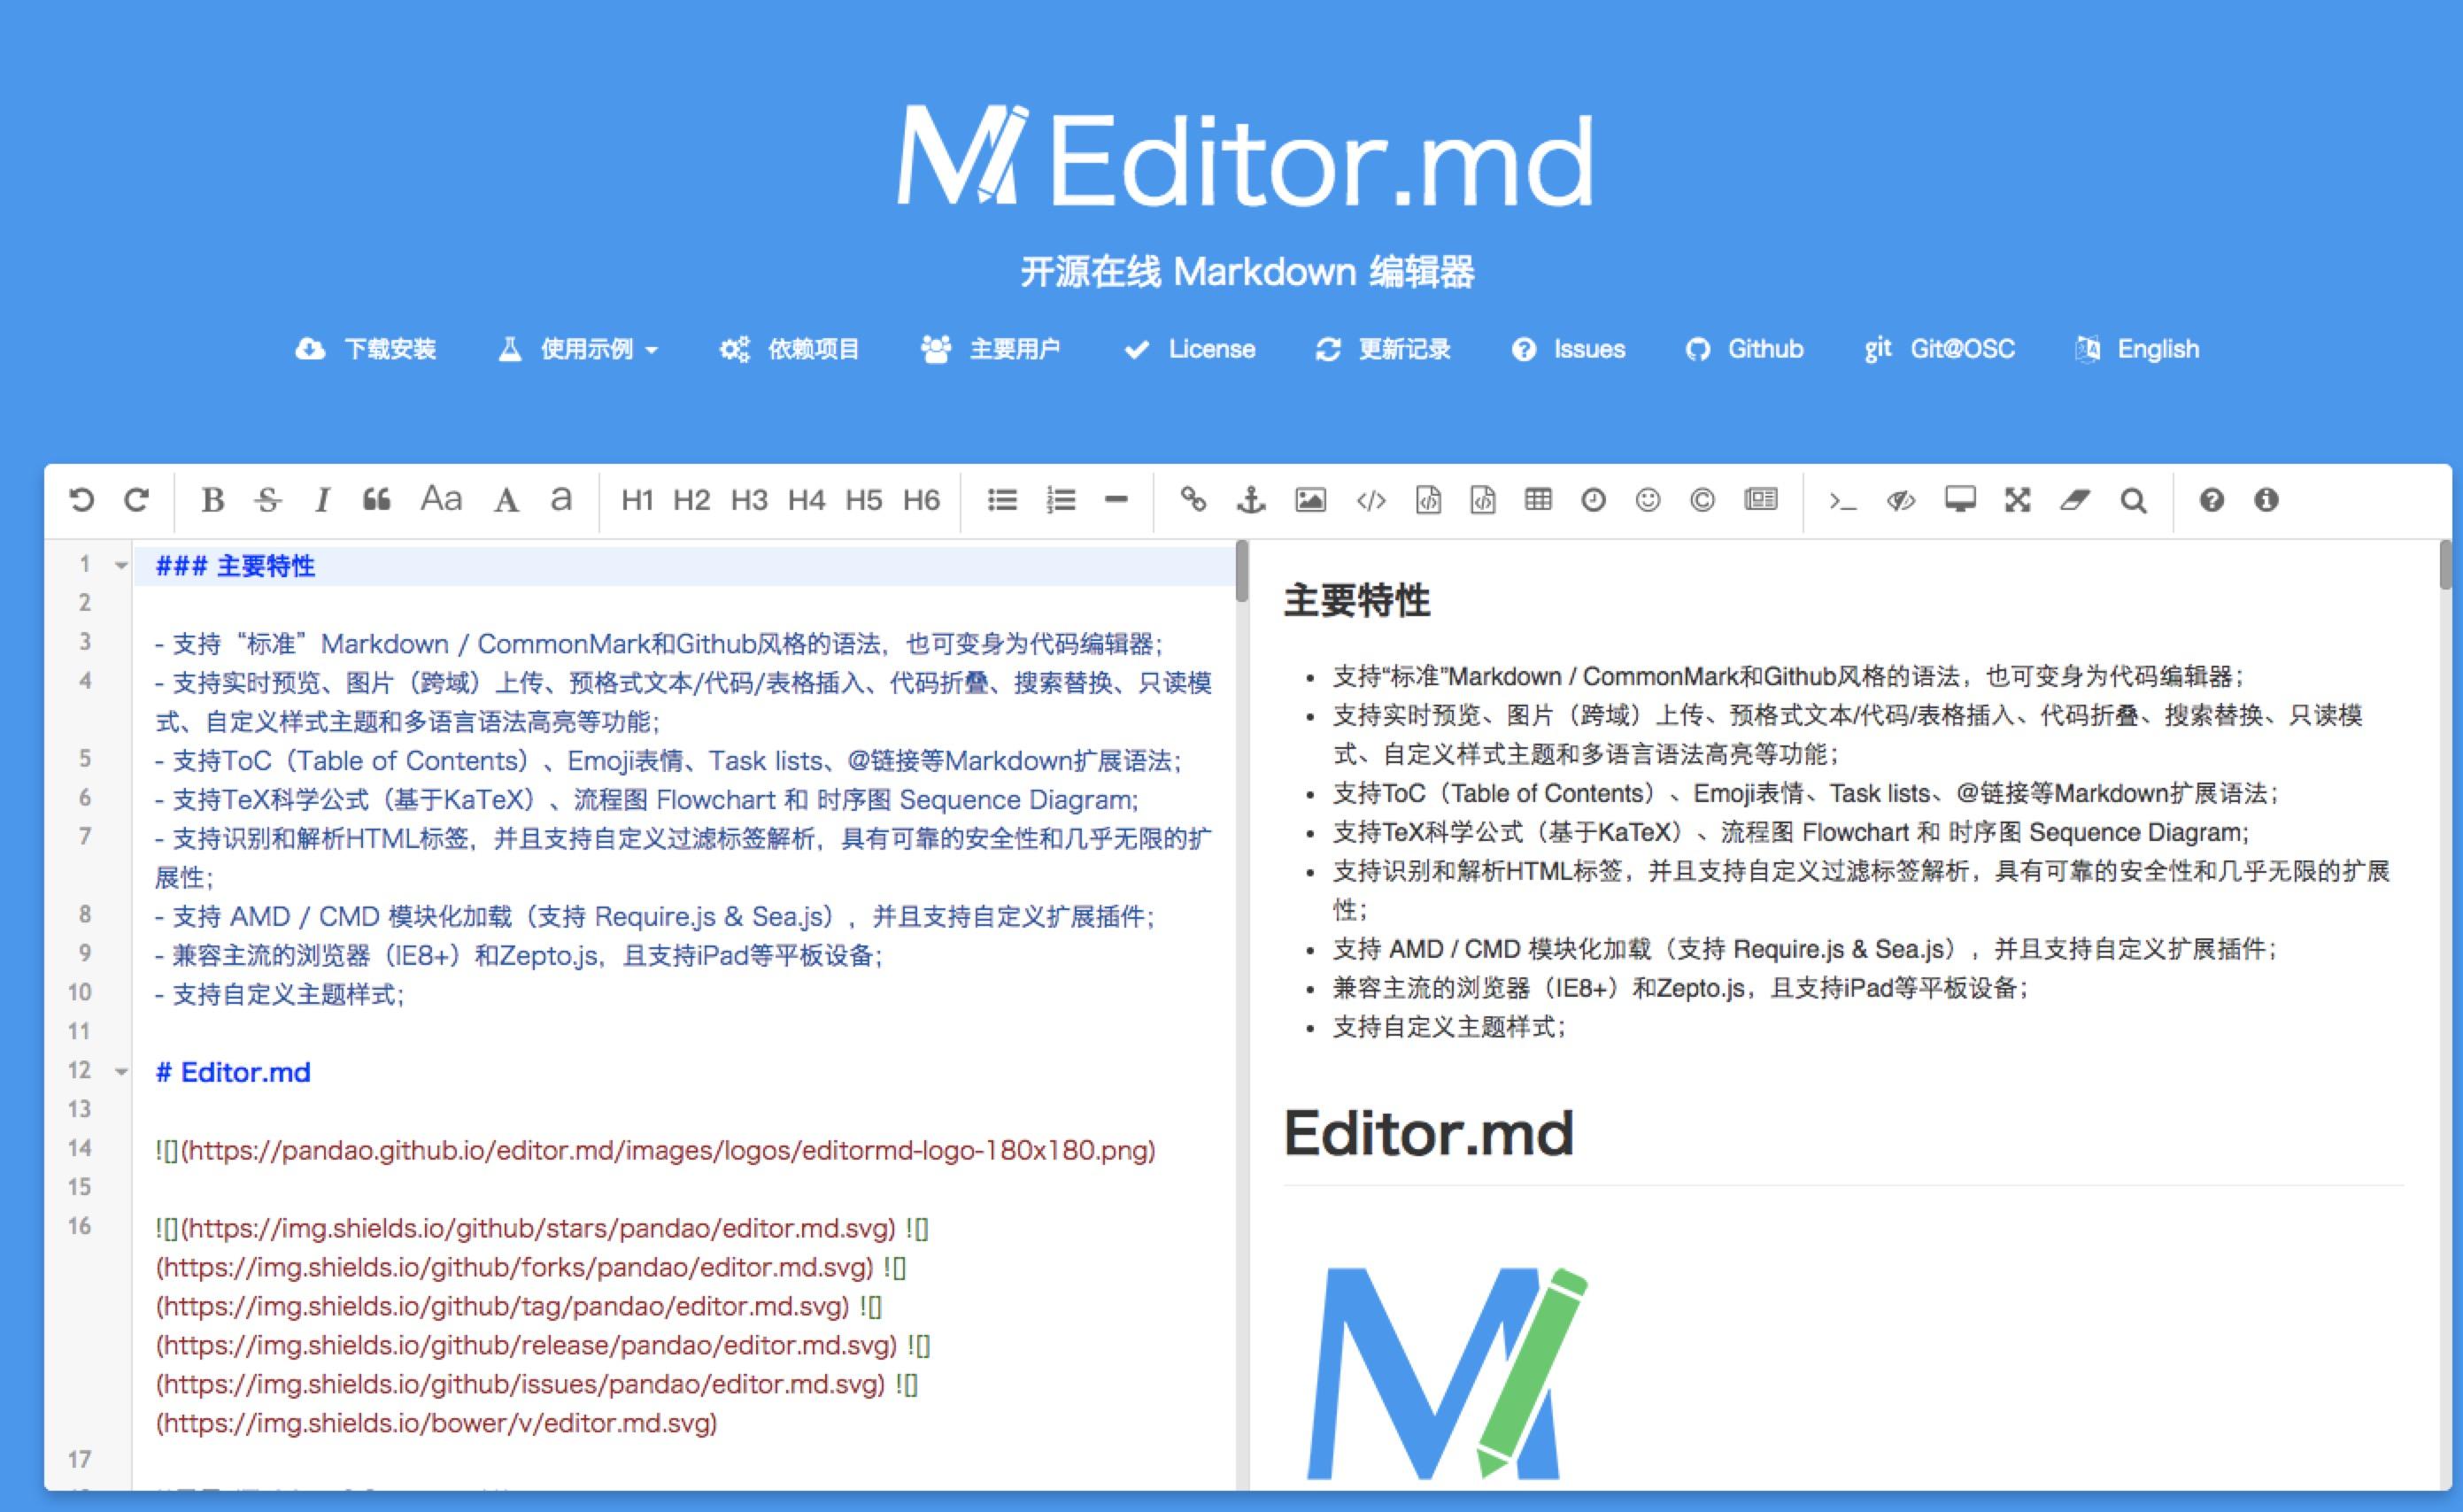 一款好用的Markdown编辑器及使用过程中的坑插图